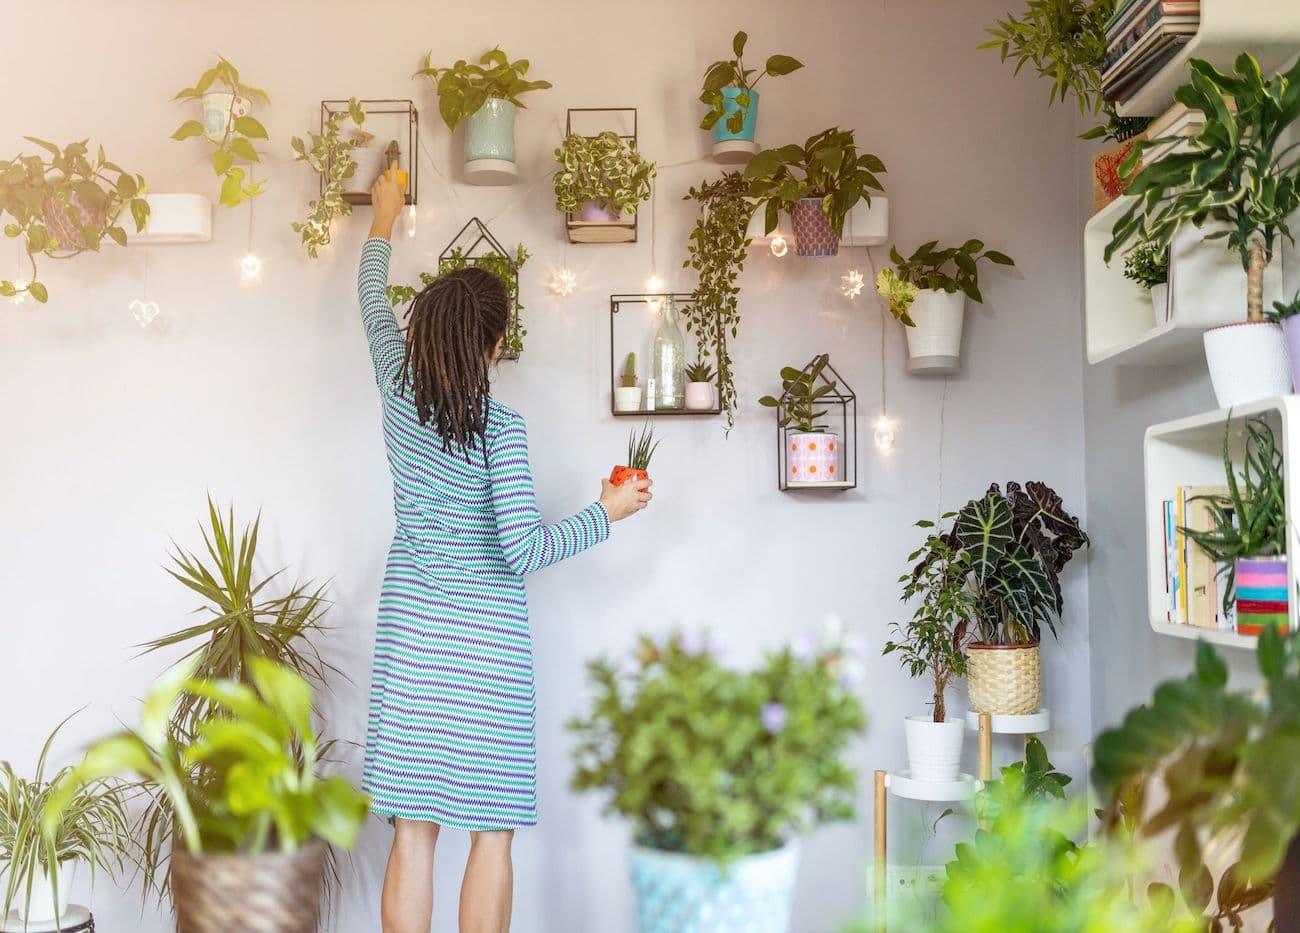 комнатные растения в интерьере фото 12